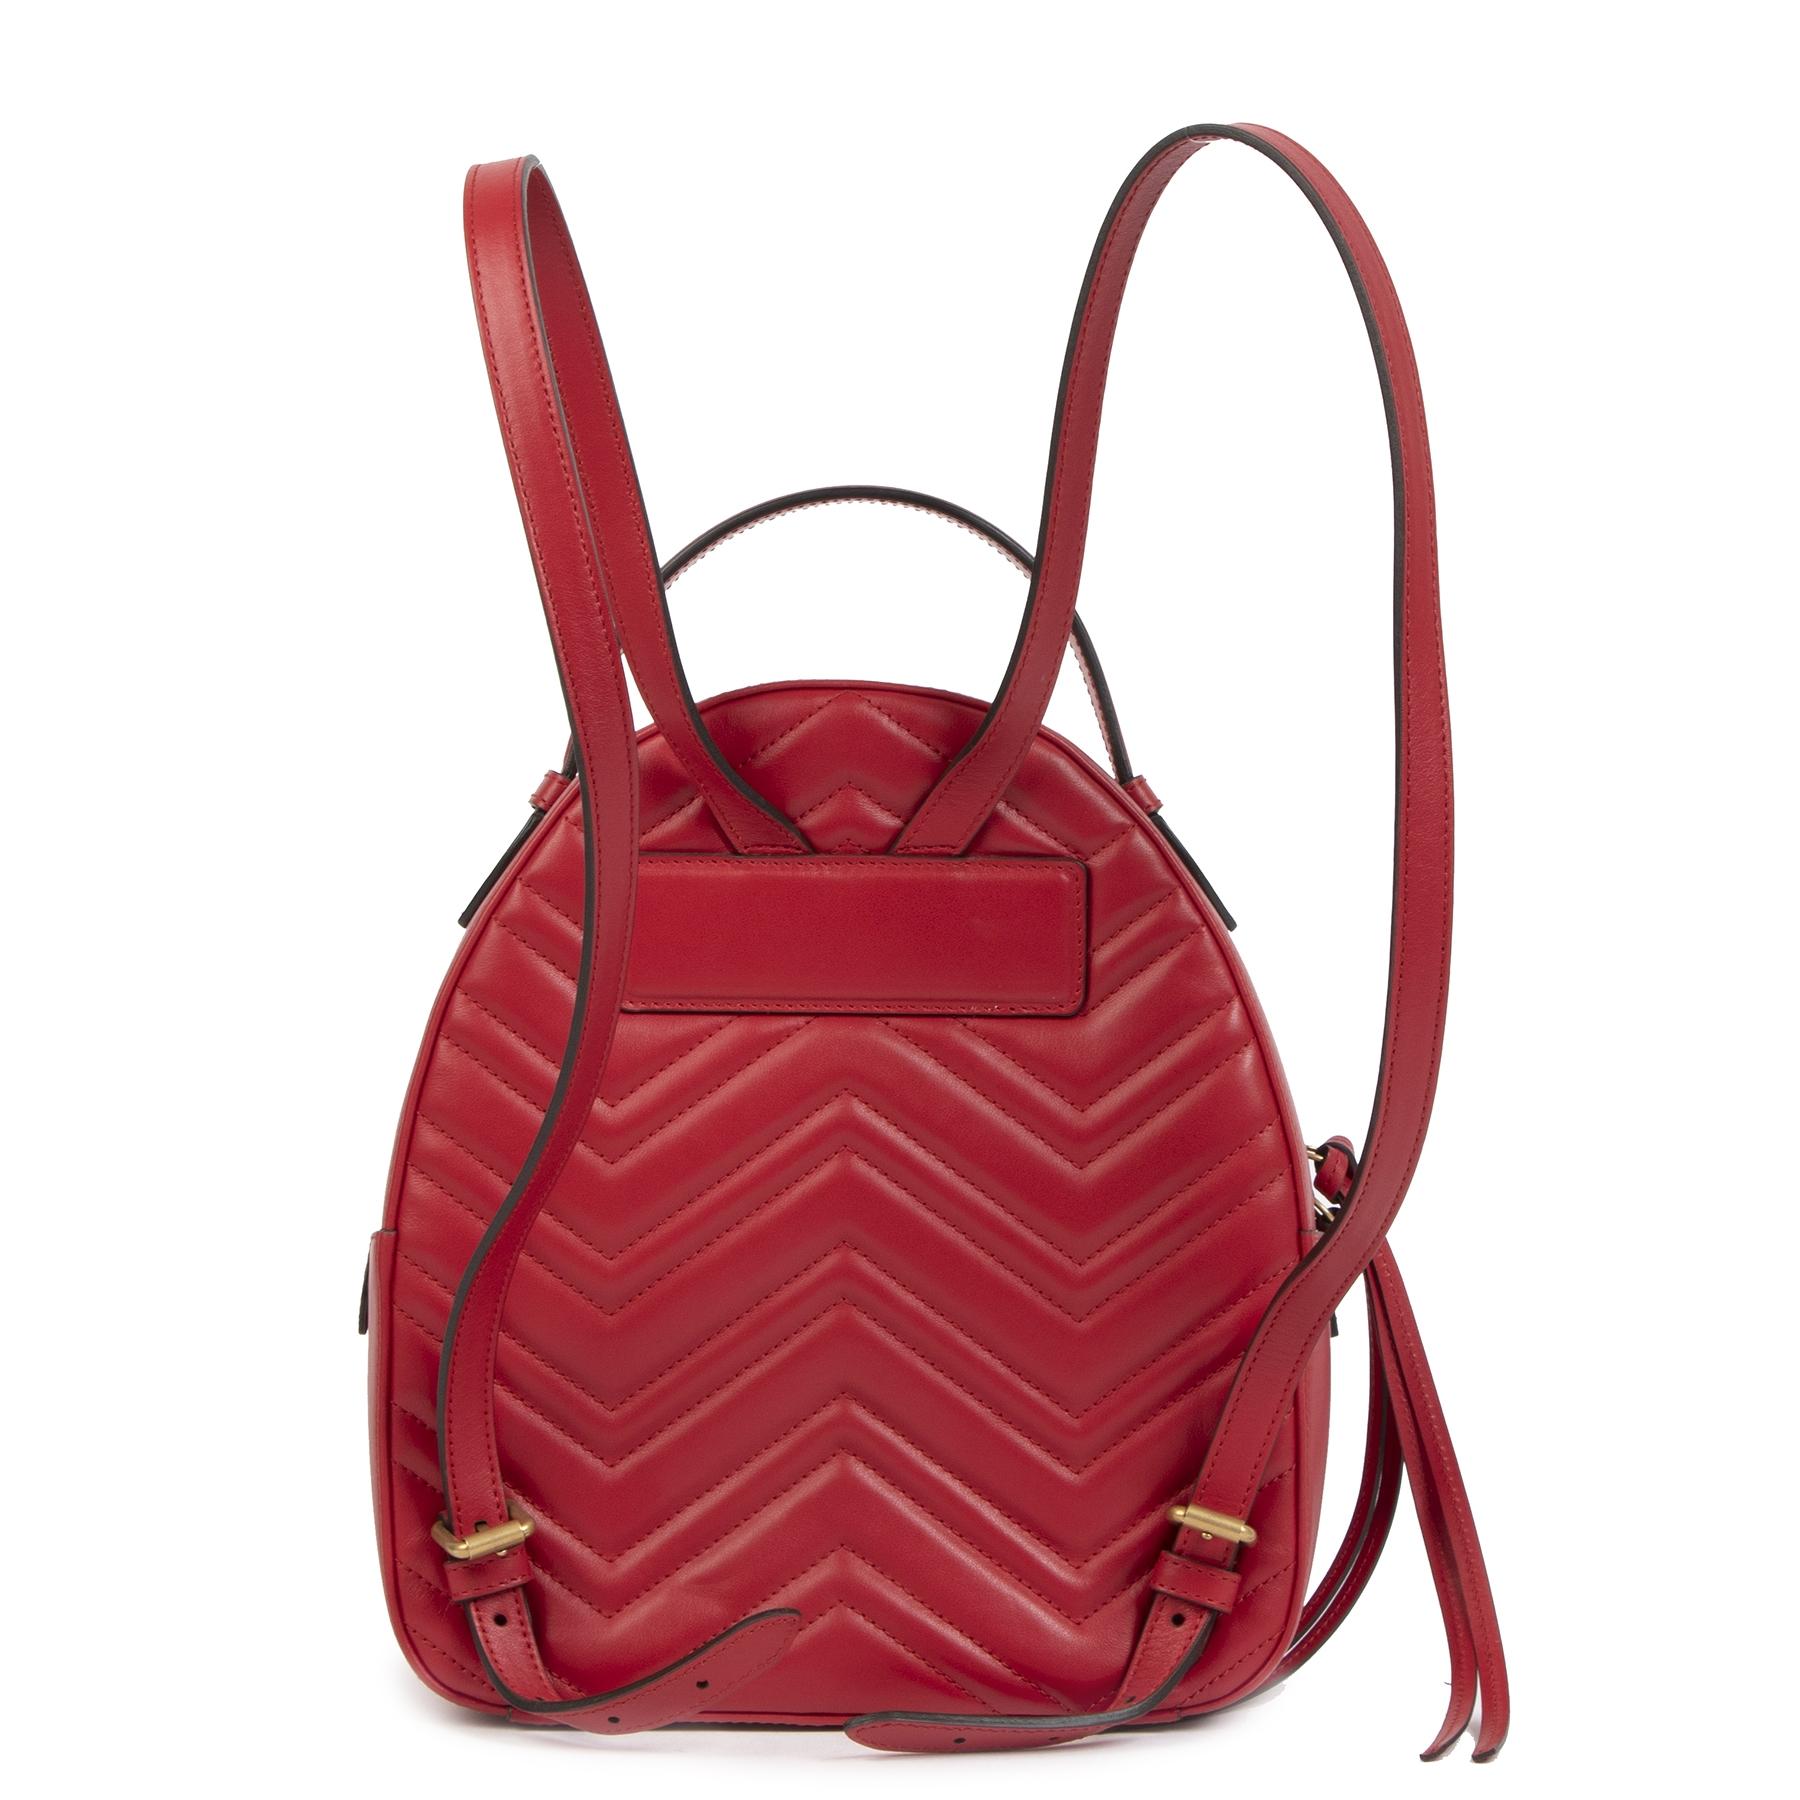 Authentieke Tweedehands Gucci GG Marmont Matelassé Leather Backpack juiste prijs veilig online shoppen luxe merken webshop winkelen Antwerpen België mode fashion